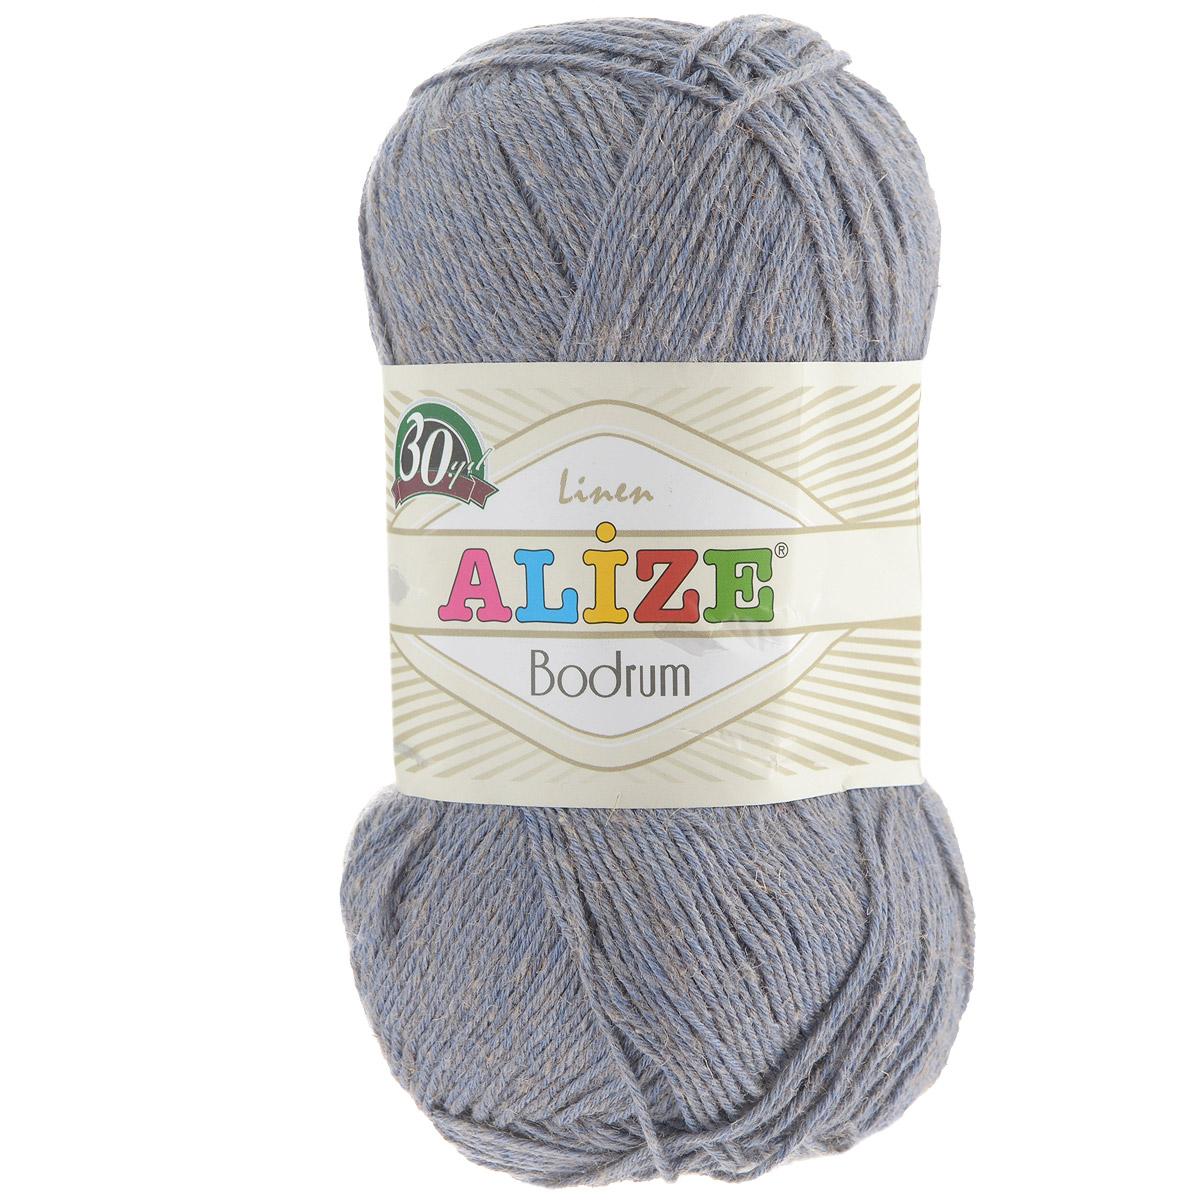 Пряжа для вязания Alize Bodrum, цвет: синий, серый (418), 280 м, 100 г, 5 шт697547_418Пряжа для вязания Alize Bodrum с натуральной цветовой гаммой подходит для ручного вязания детям и взрослым. Приятная на ощупь нить сочетает в себе лен и полиэстер. Такая пряжа идеально подойдет для вязания весенних и летних изделий. Рекомендованные спицы 3-5 мм и крючок для вязания 2-3 мм. Комплектация: 5 мотков. Состав: 48% лен, 52% полиэстер. Рекомендована ручная стирка.